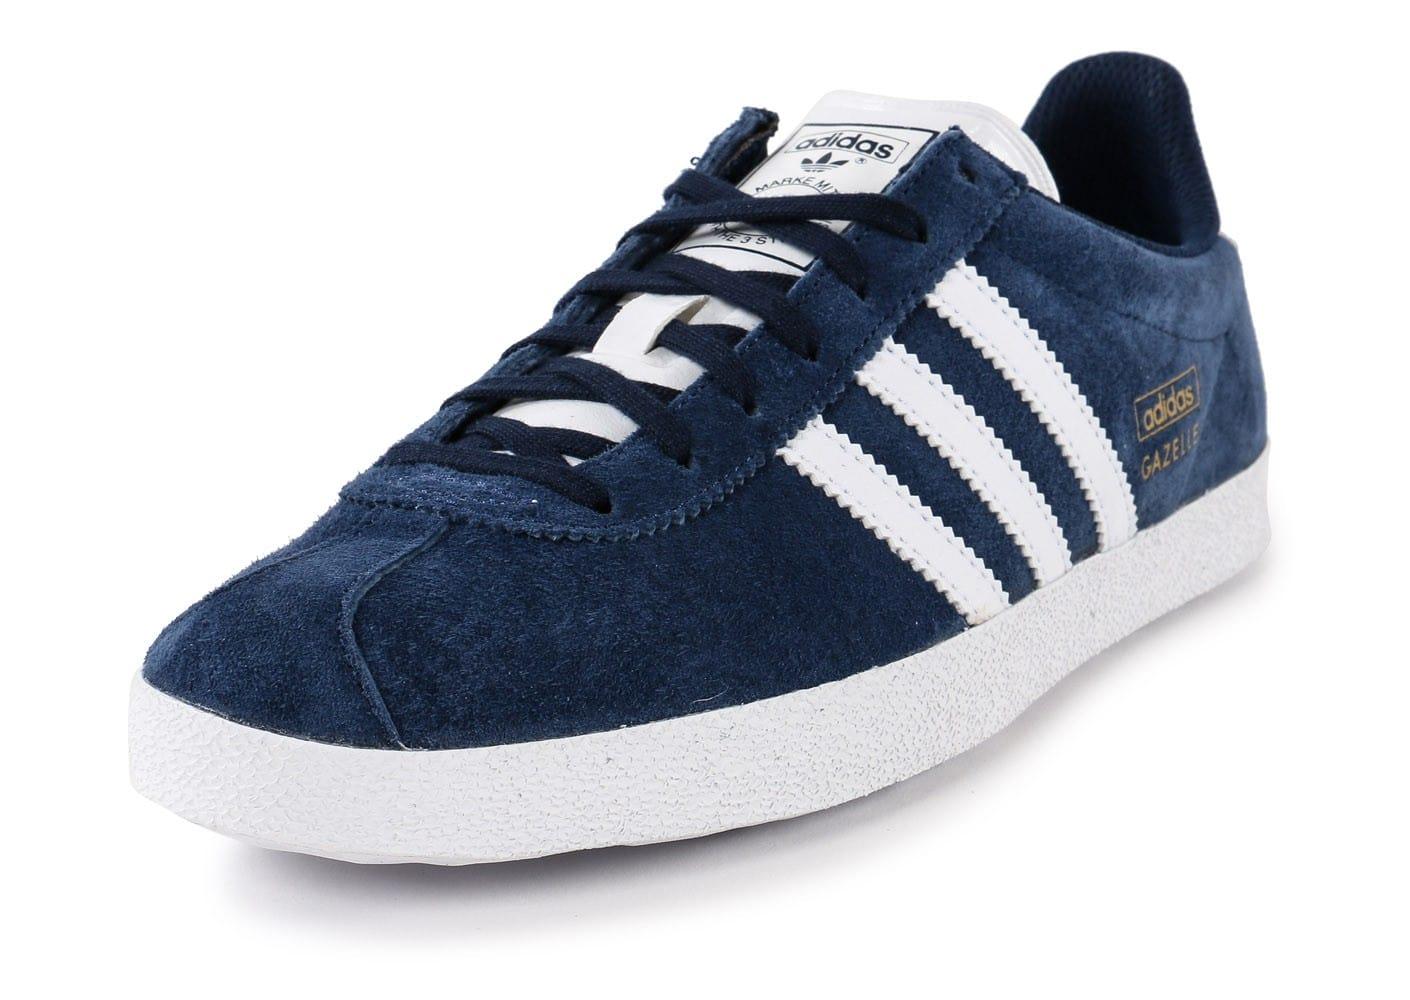 adidas gazelle bleu